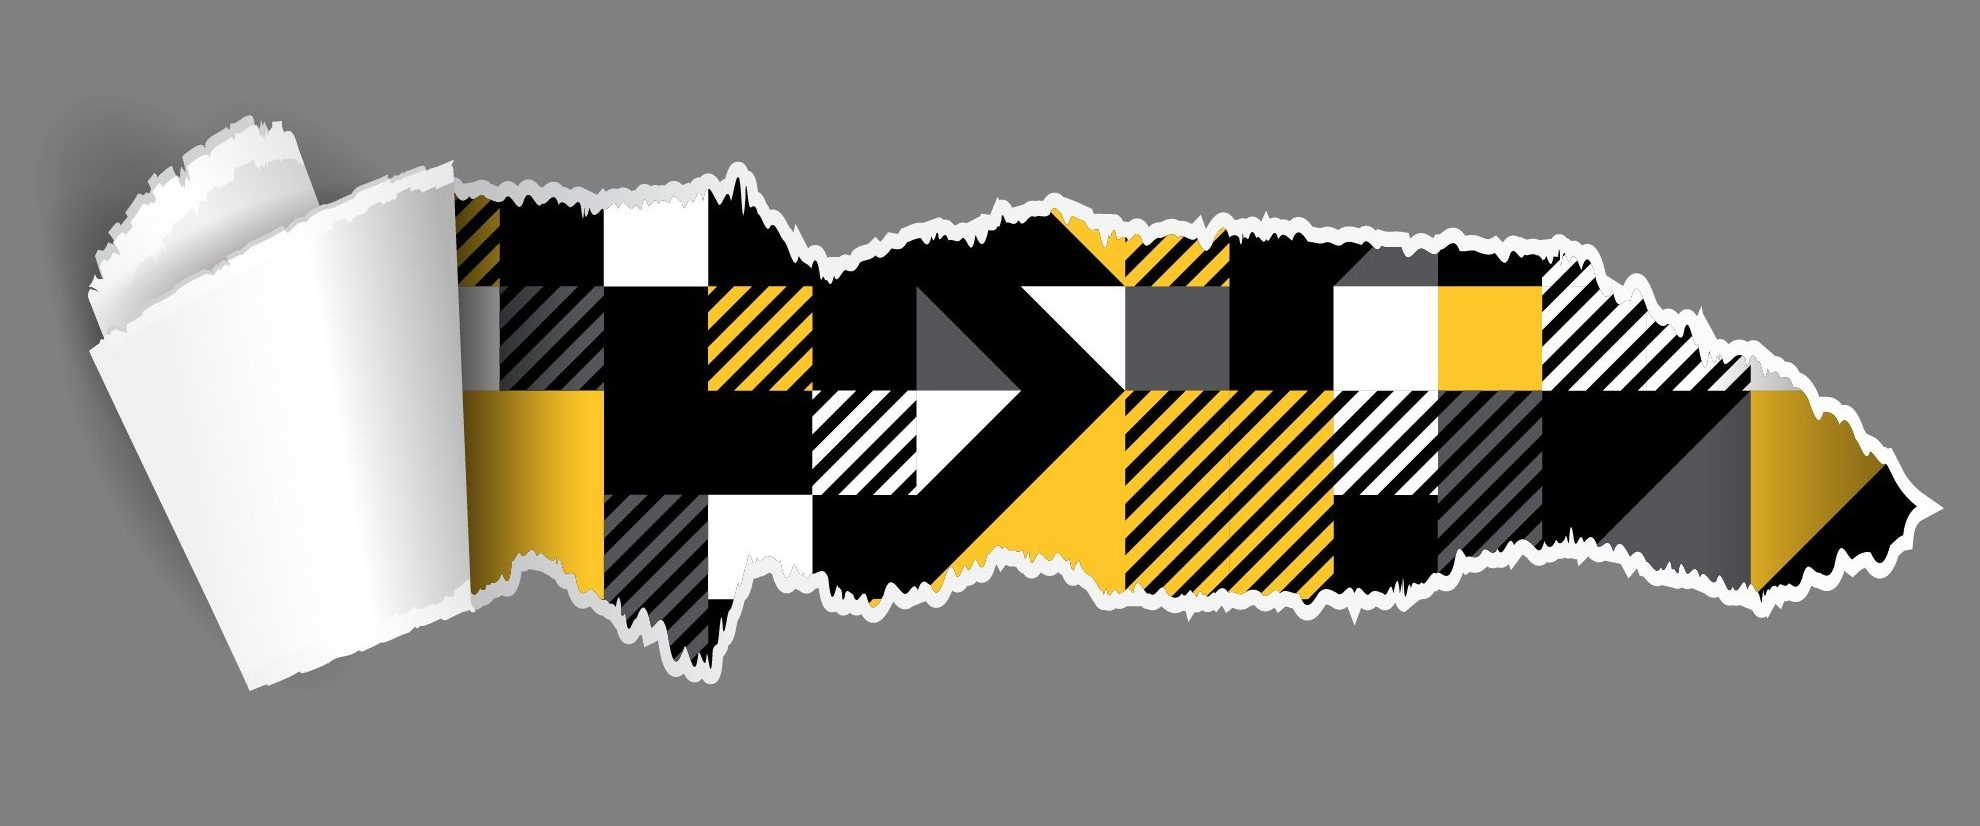 FP-hero-wallpaper2